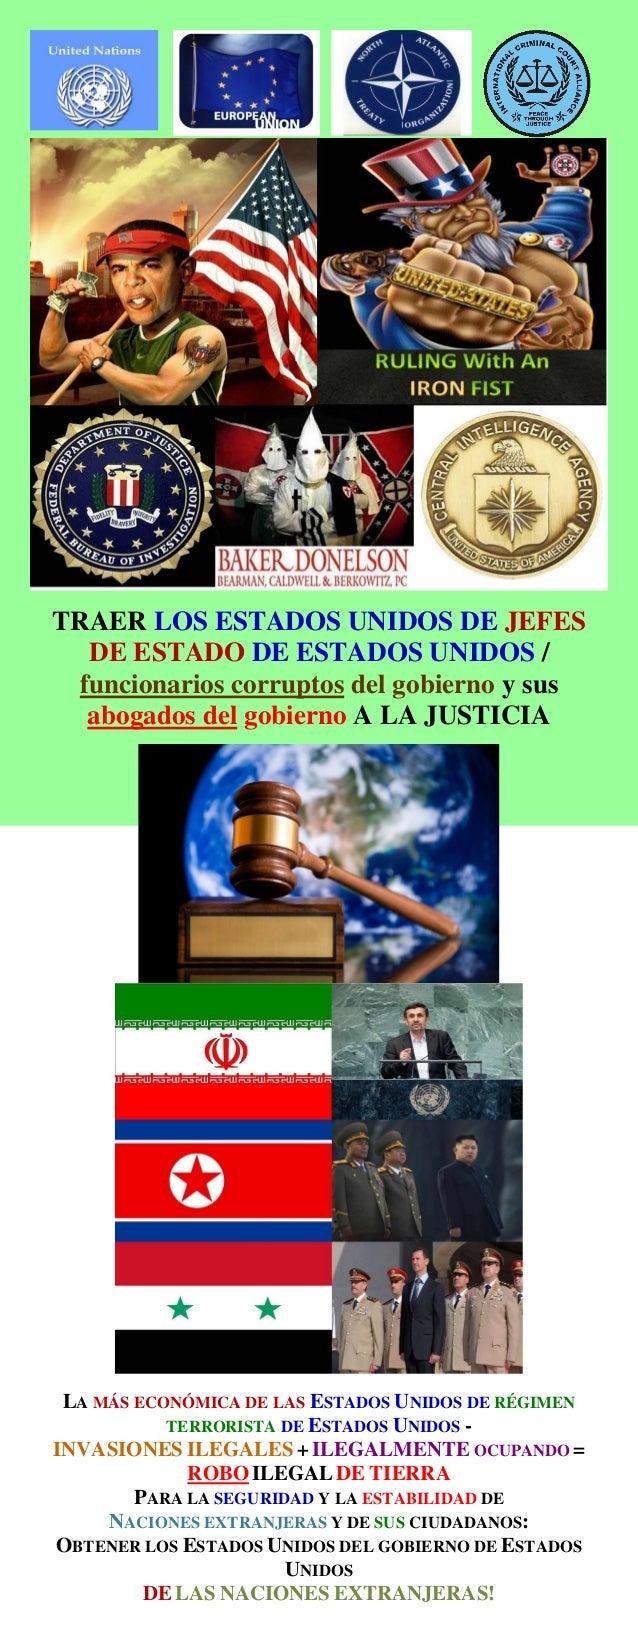 TRAER LOS ESTADOS UNIDOS DE JEFES DE ESTADO DE ESTADOS UNIDOS / funcionarios corruptos del gobierno y sus abogados del gob...